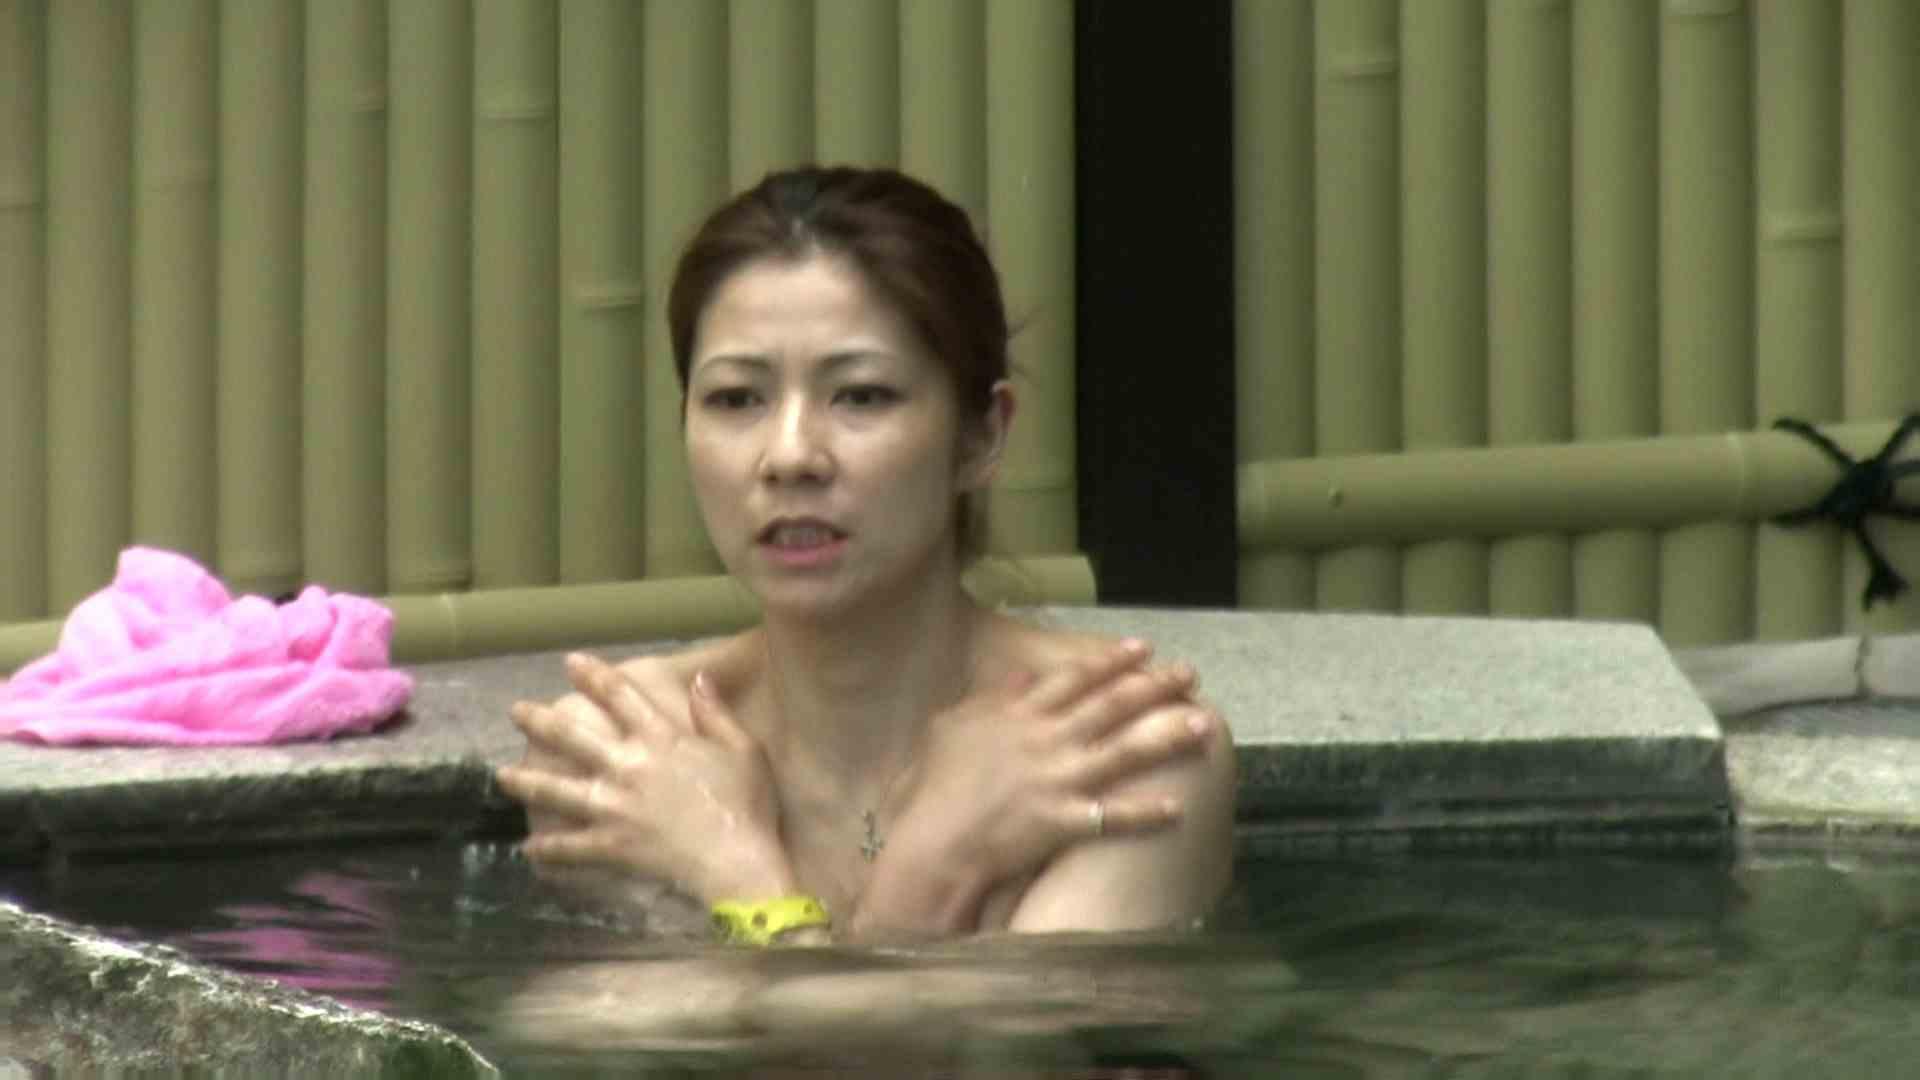 Aquaな露天風呂Vol.660 露天 | 盗撮  102pic 6